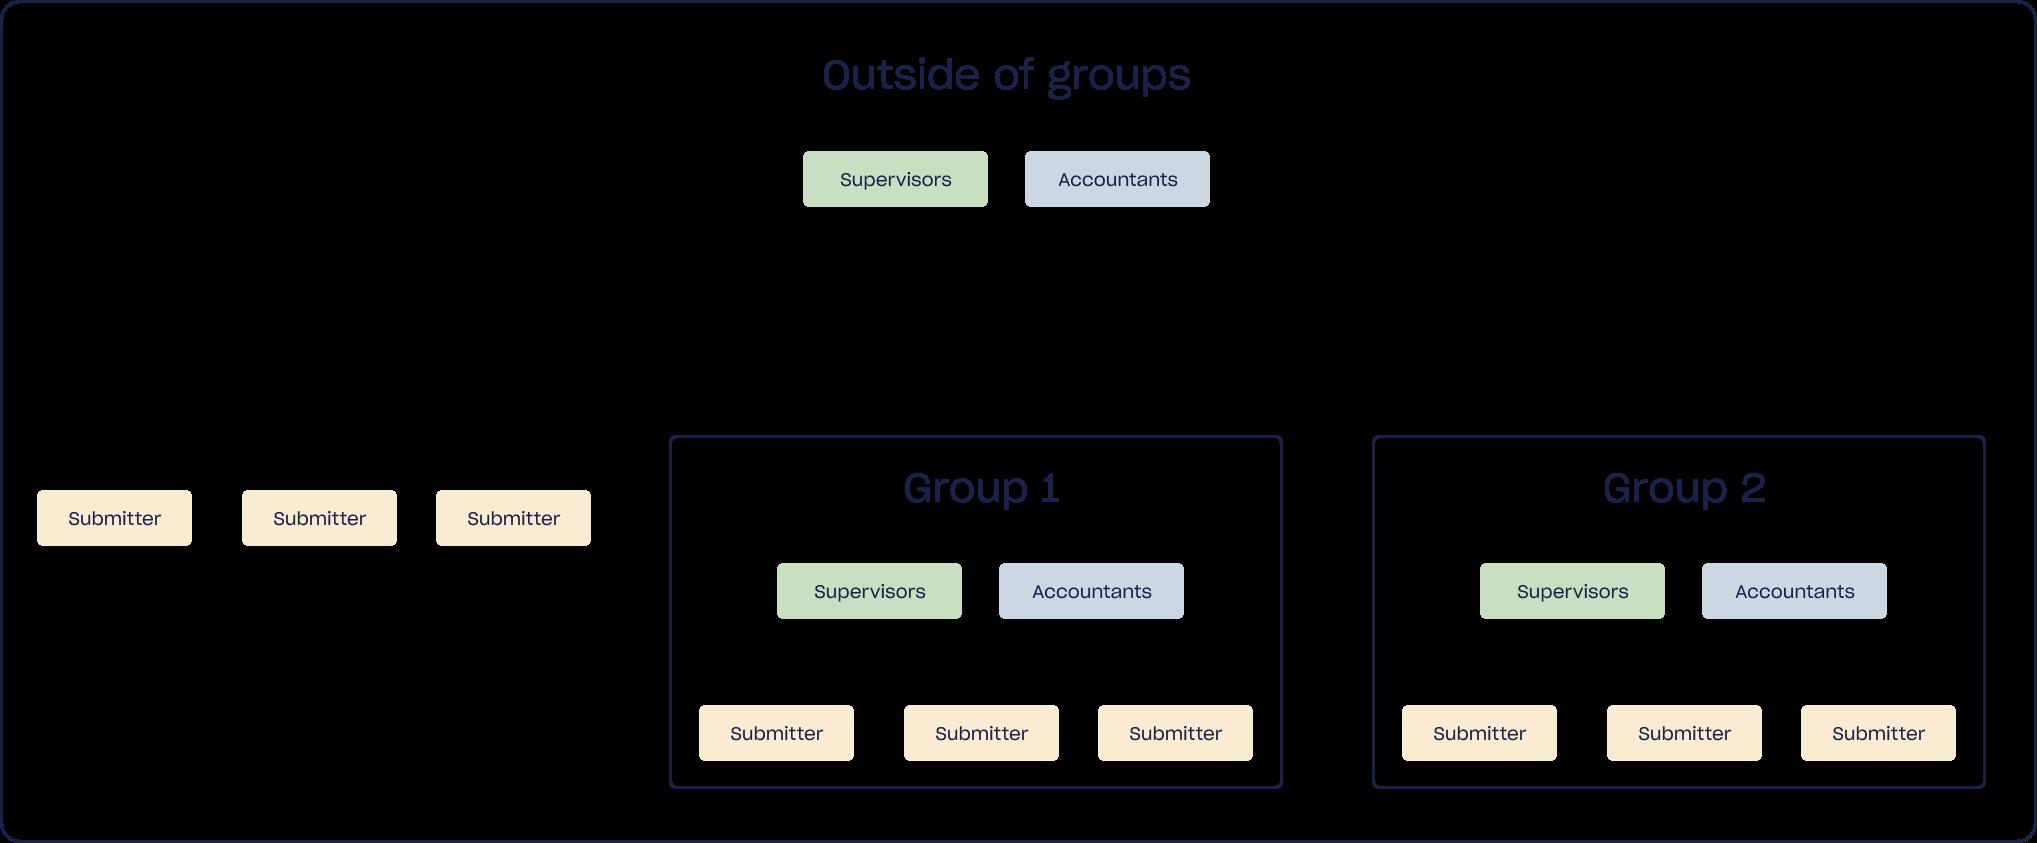 Groups in Circula